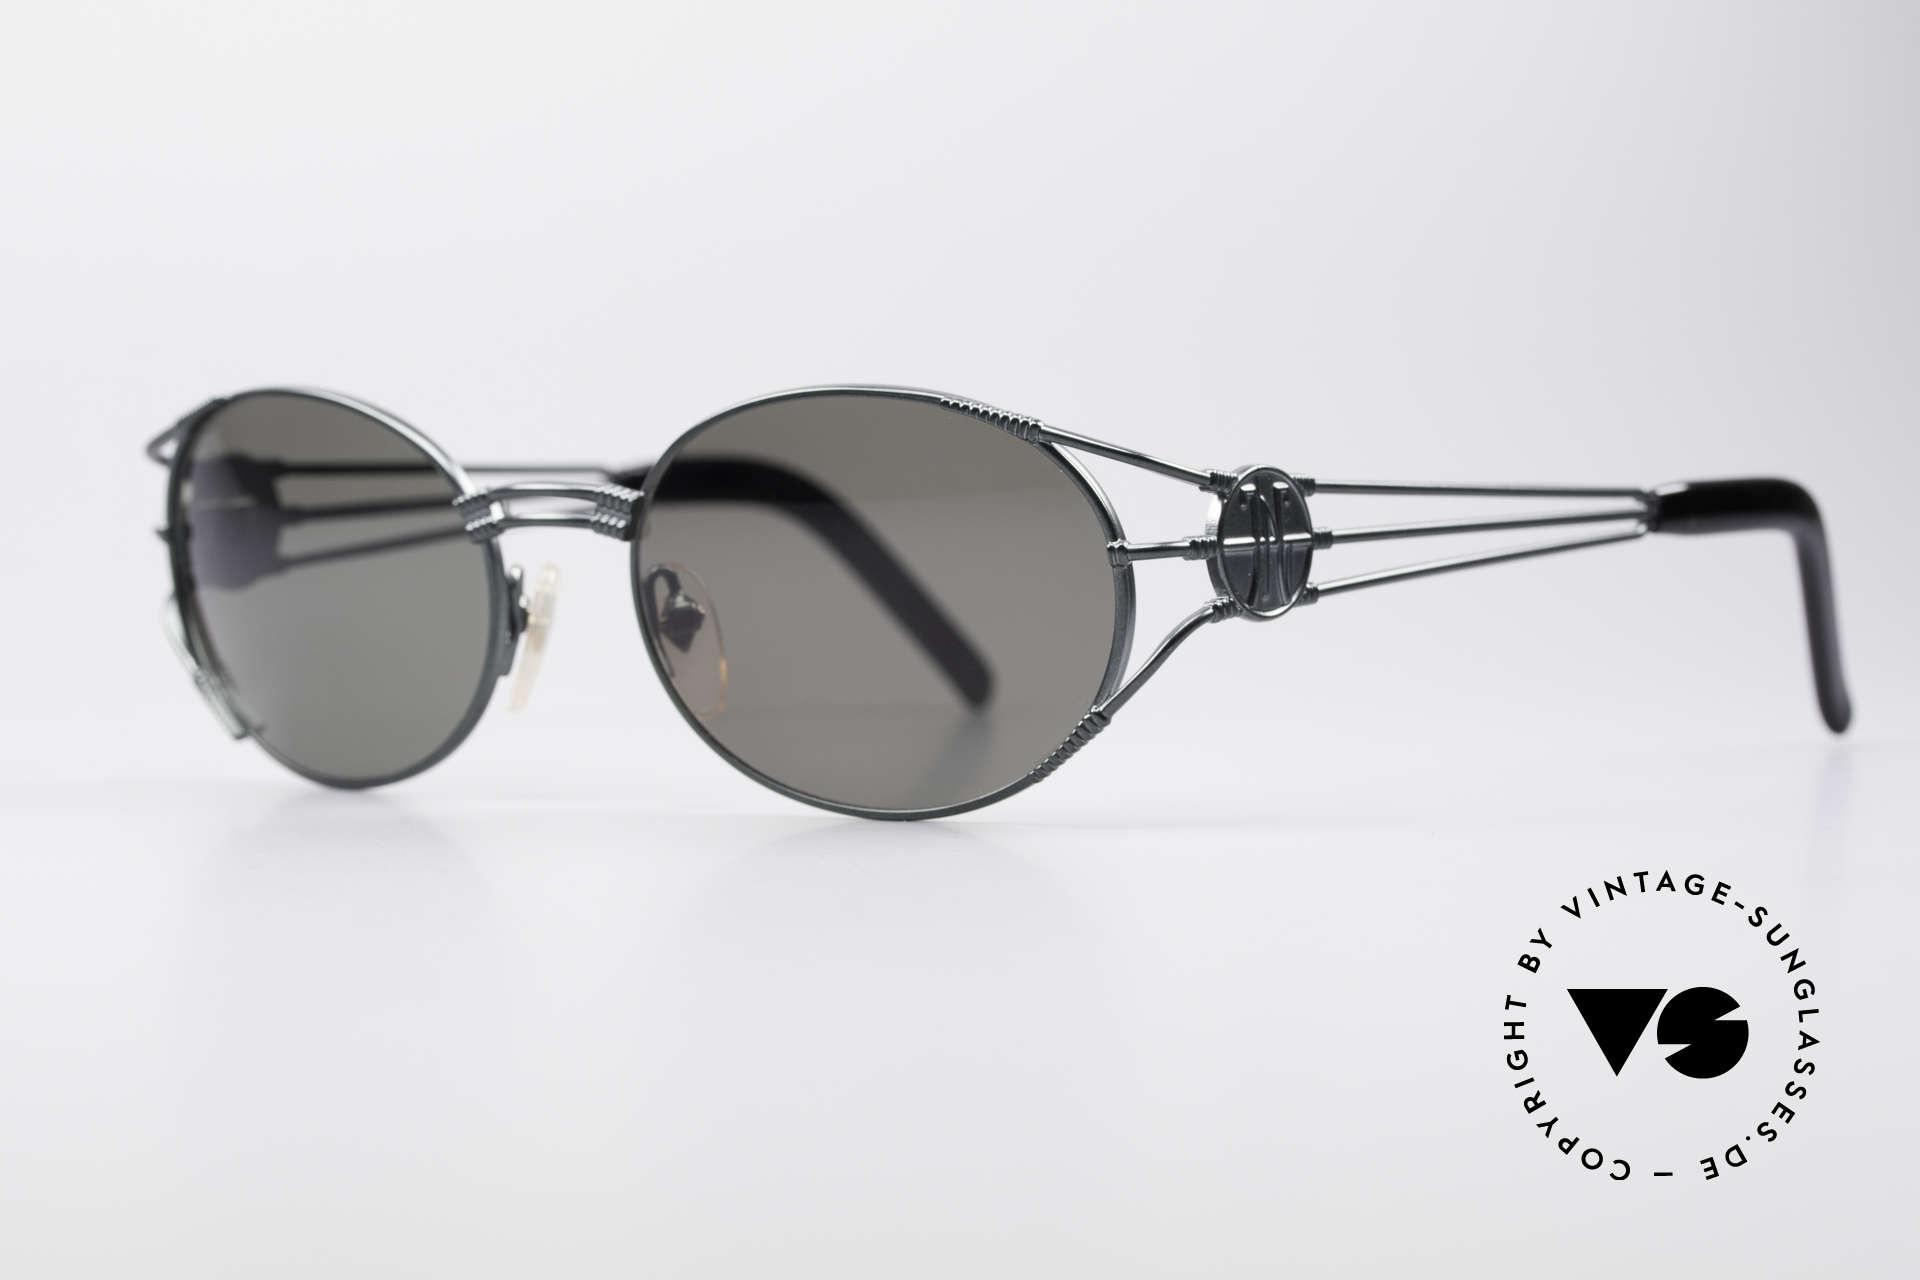 """Jean Paul Gaultier 58-5106 Vintage Brille Steampunk, heutzutage oft als """"STEAMPUNK-Brille"""" bezeichnet, Passend für Herren und Damen"""